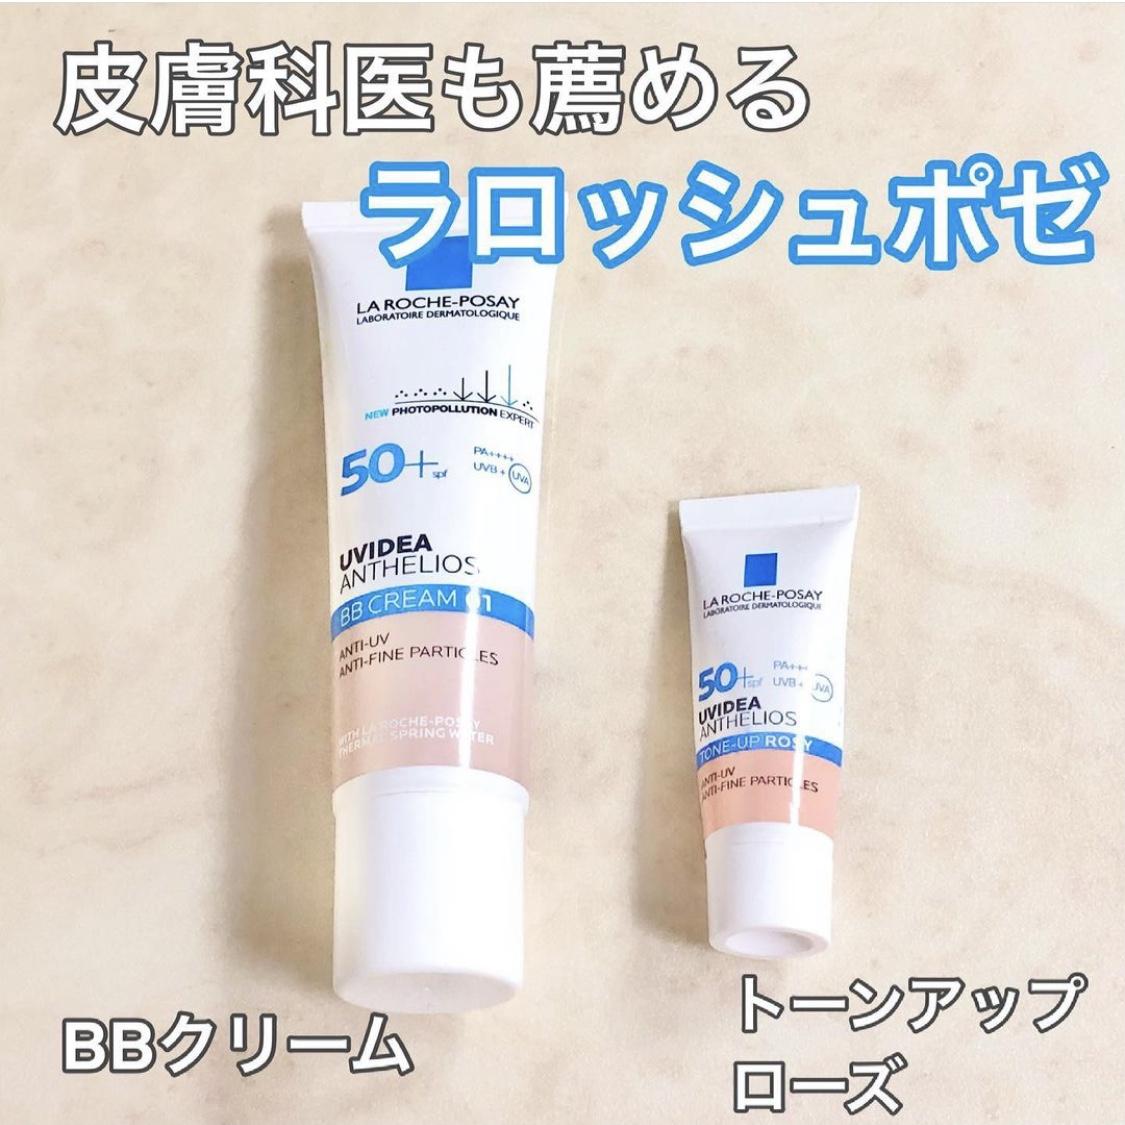 LAROCHE-POSAY(ラ ロッシュ ポゼ)UVイデア XL プロテクションBBを使ったmihokoさんのクチコミ画像